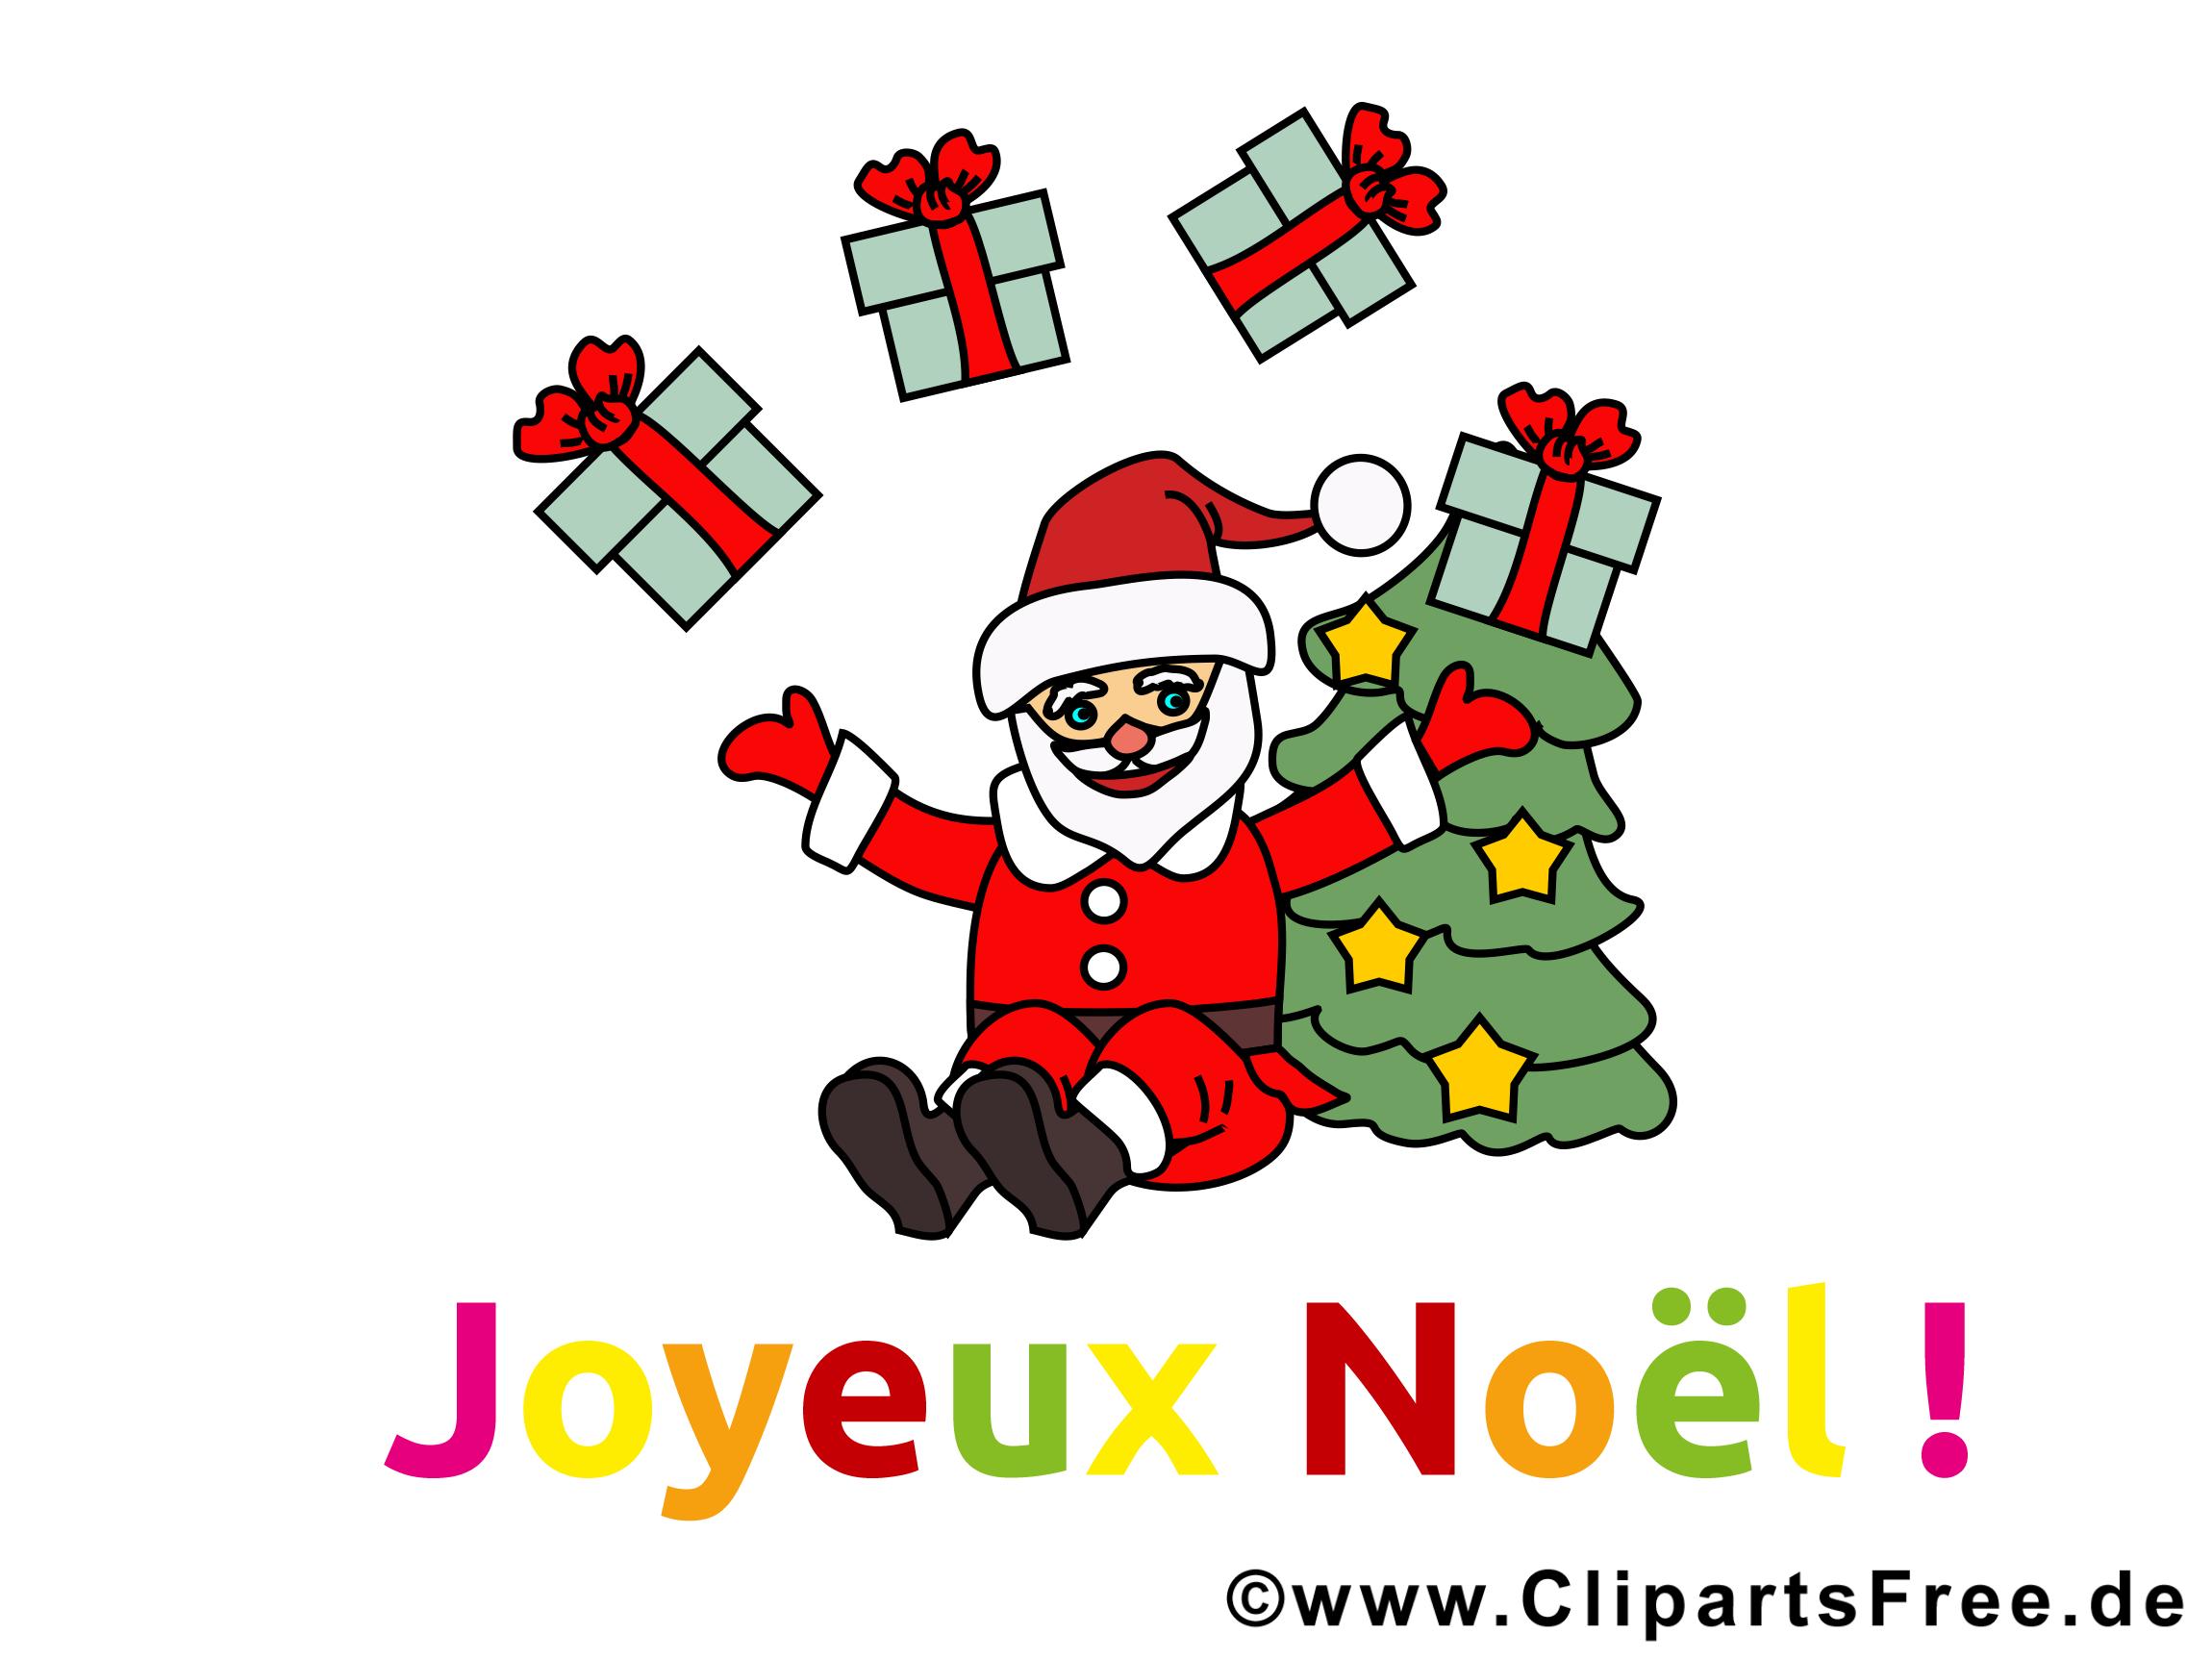 Clipart Gratuit De Noel Cartes De Noel Dessin Picture Image Graphic Clip Art Telecharger Gratuit